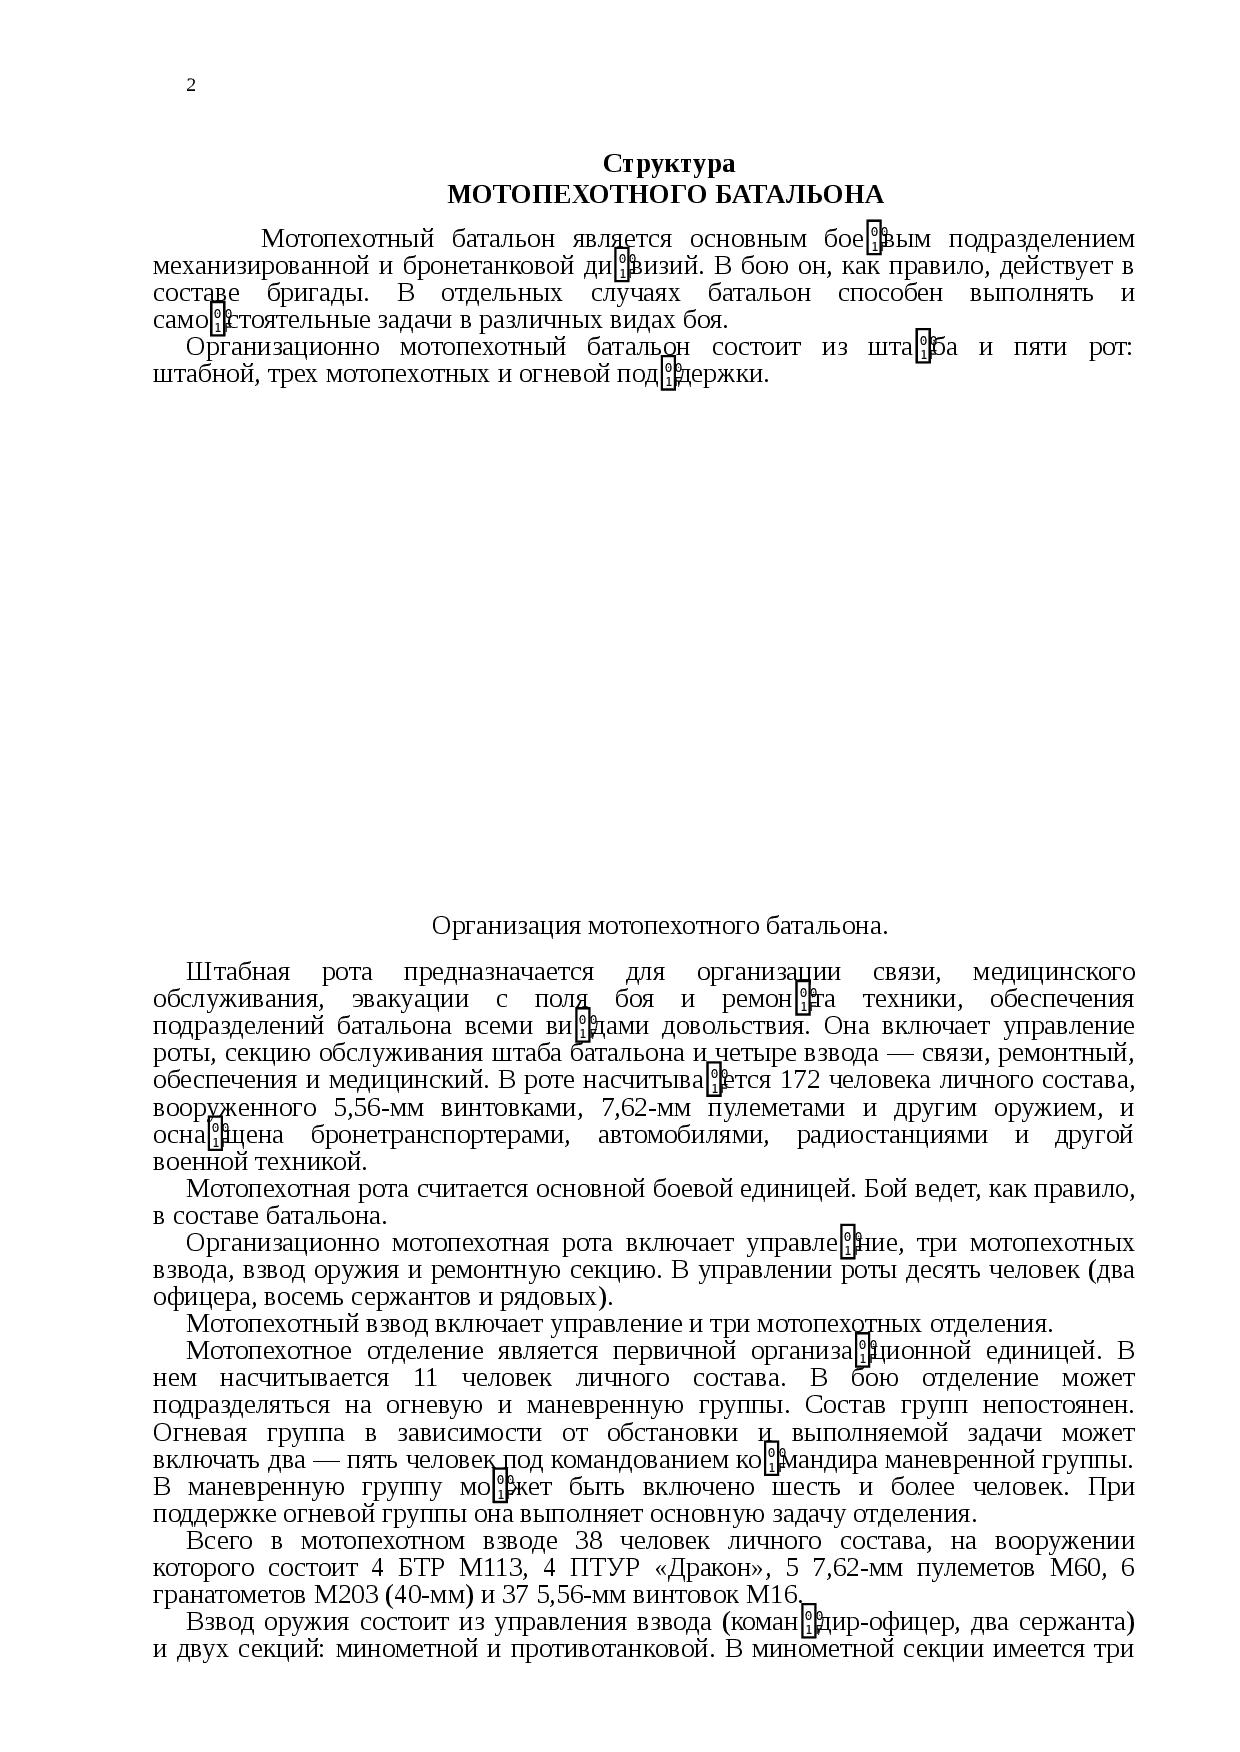 Численность воинских подразделений (взвод, рота, батальон, полк и другие)